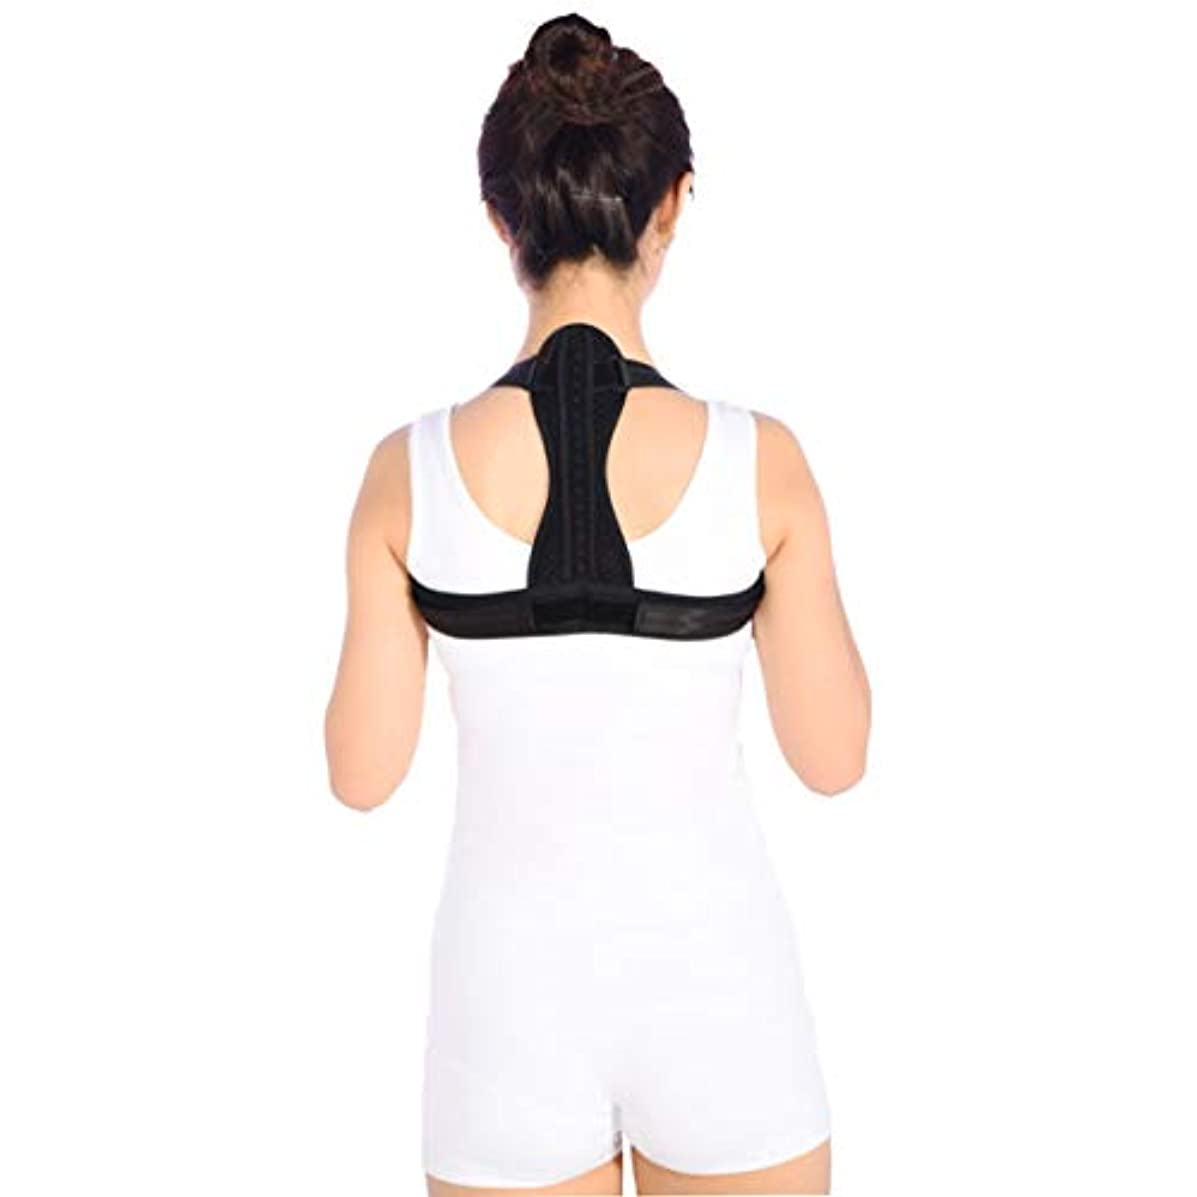 右象ウール通気性の脊柱側弯症ザトウクジラ補正ベルト調節可能な快適さ目に見えないベルト男性女性大人学生子供 - 黒